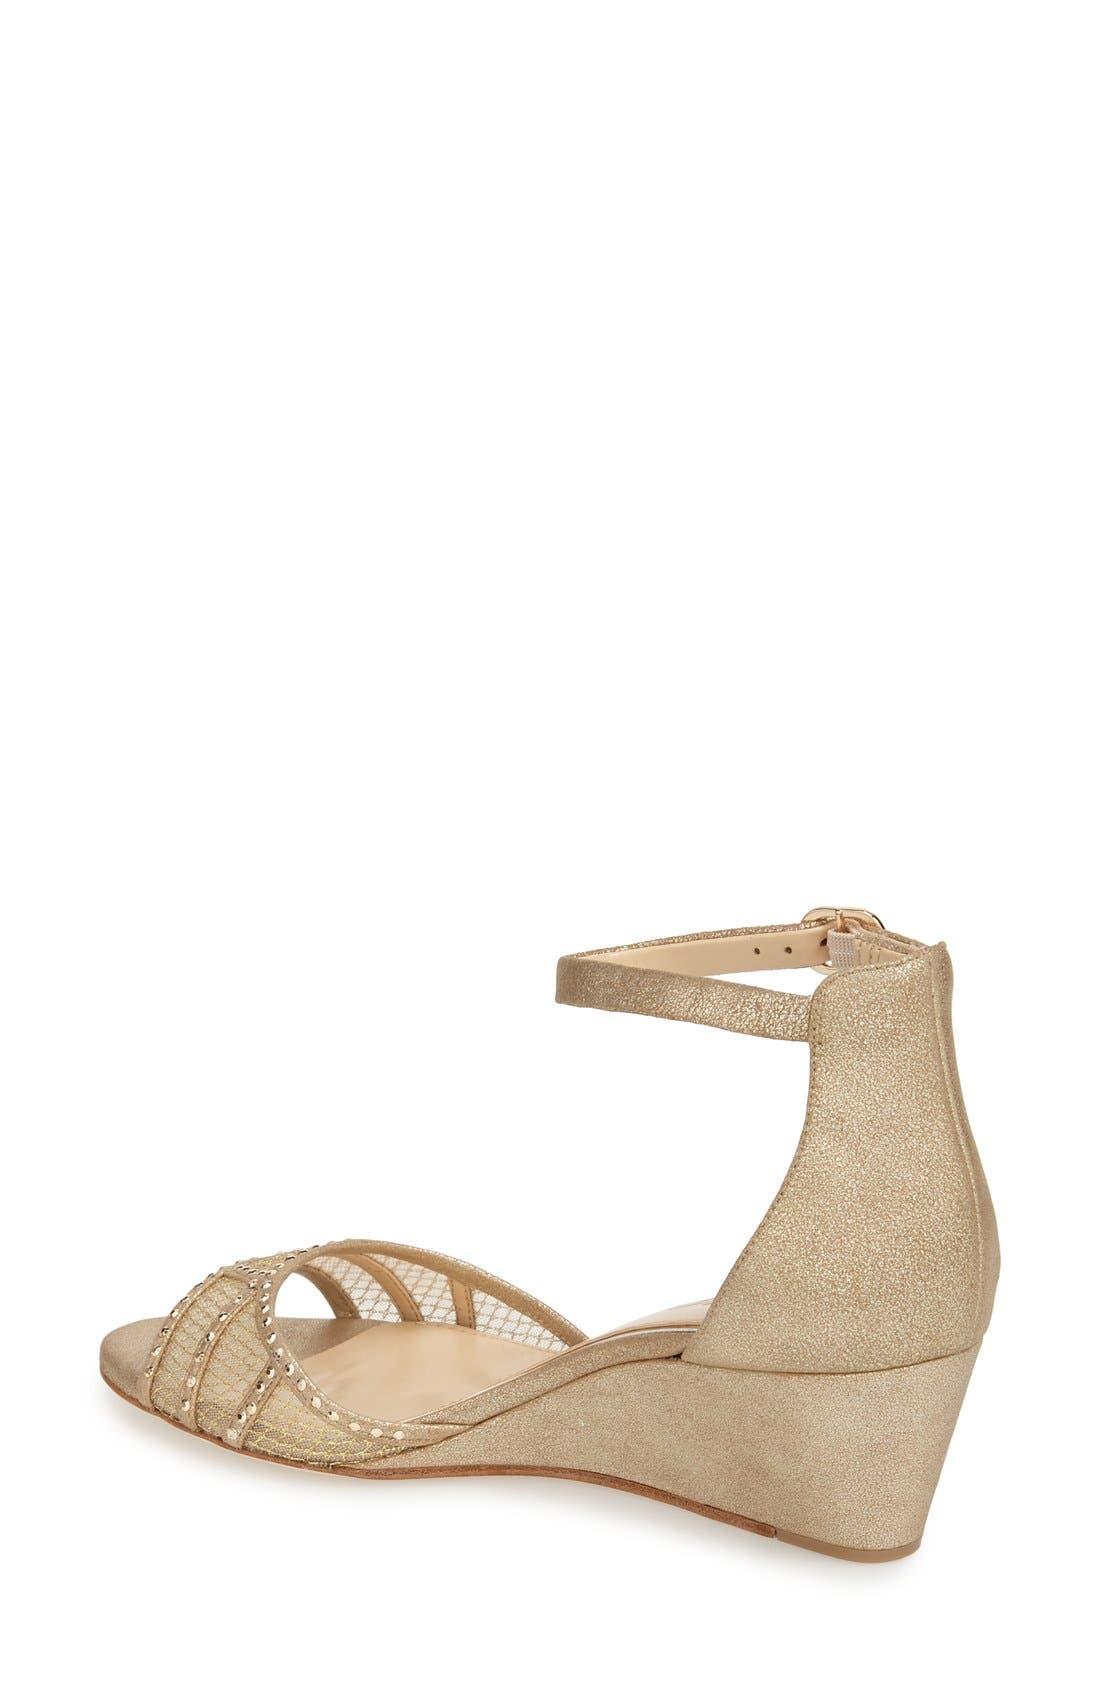 'Joan' Studded Wedge Sandal,                             Alternate thumbnail 4, color,